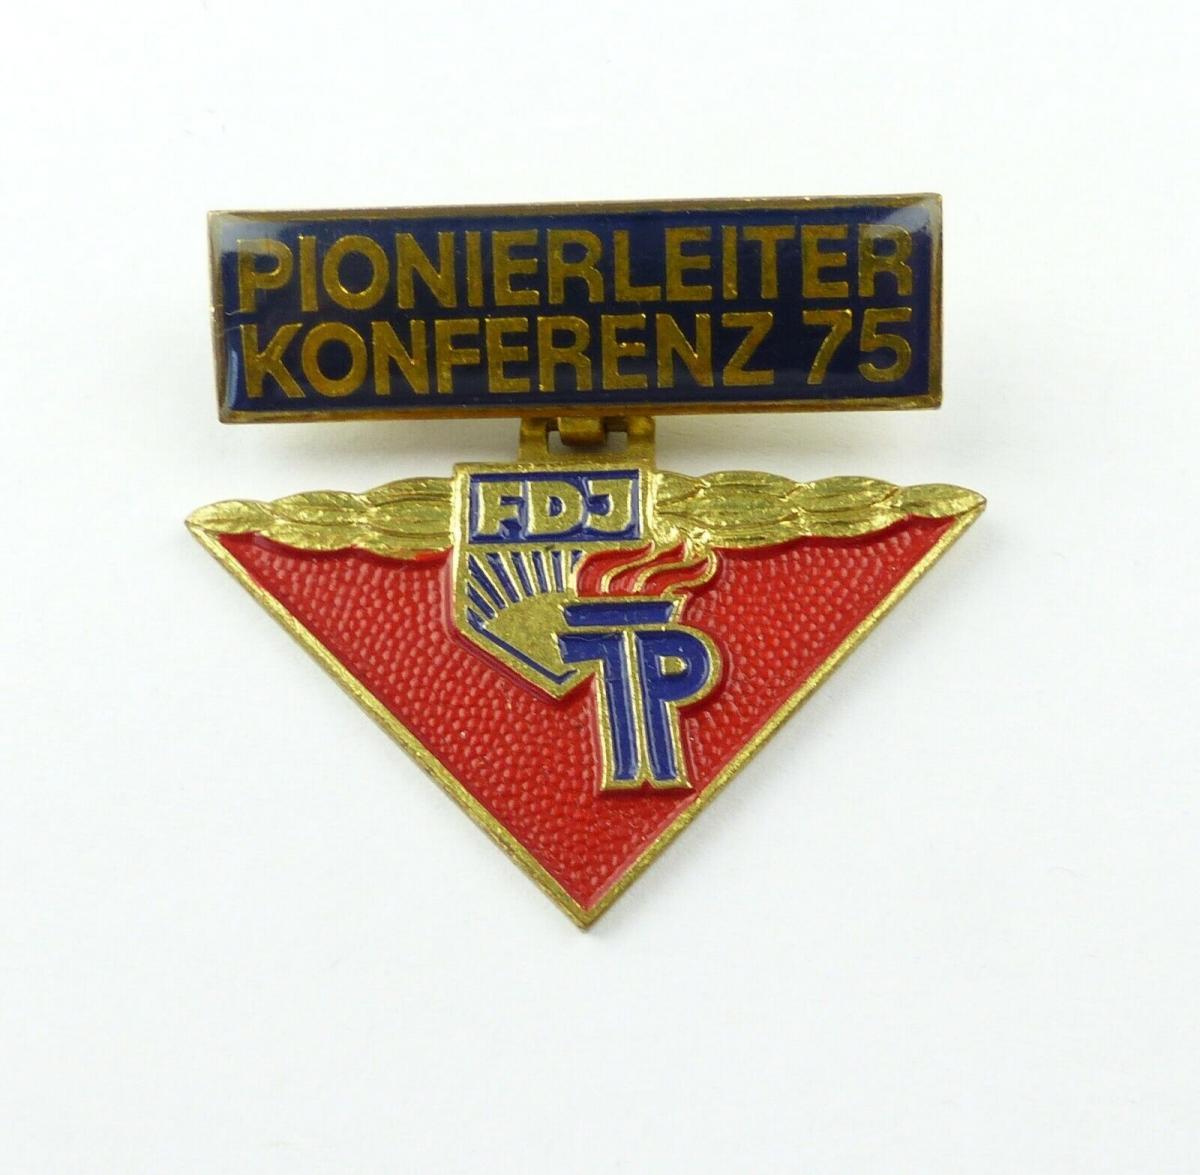 E10550 Original altes DDR Abzeichen Pionierleiter Konferenz 1975 FDJ JP 0